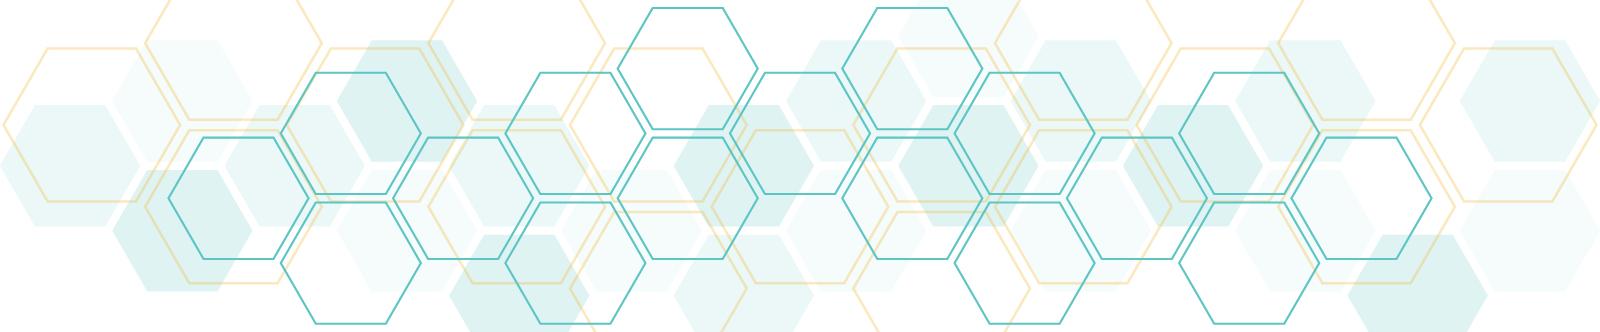 mioteq header graphic